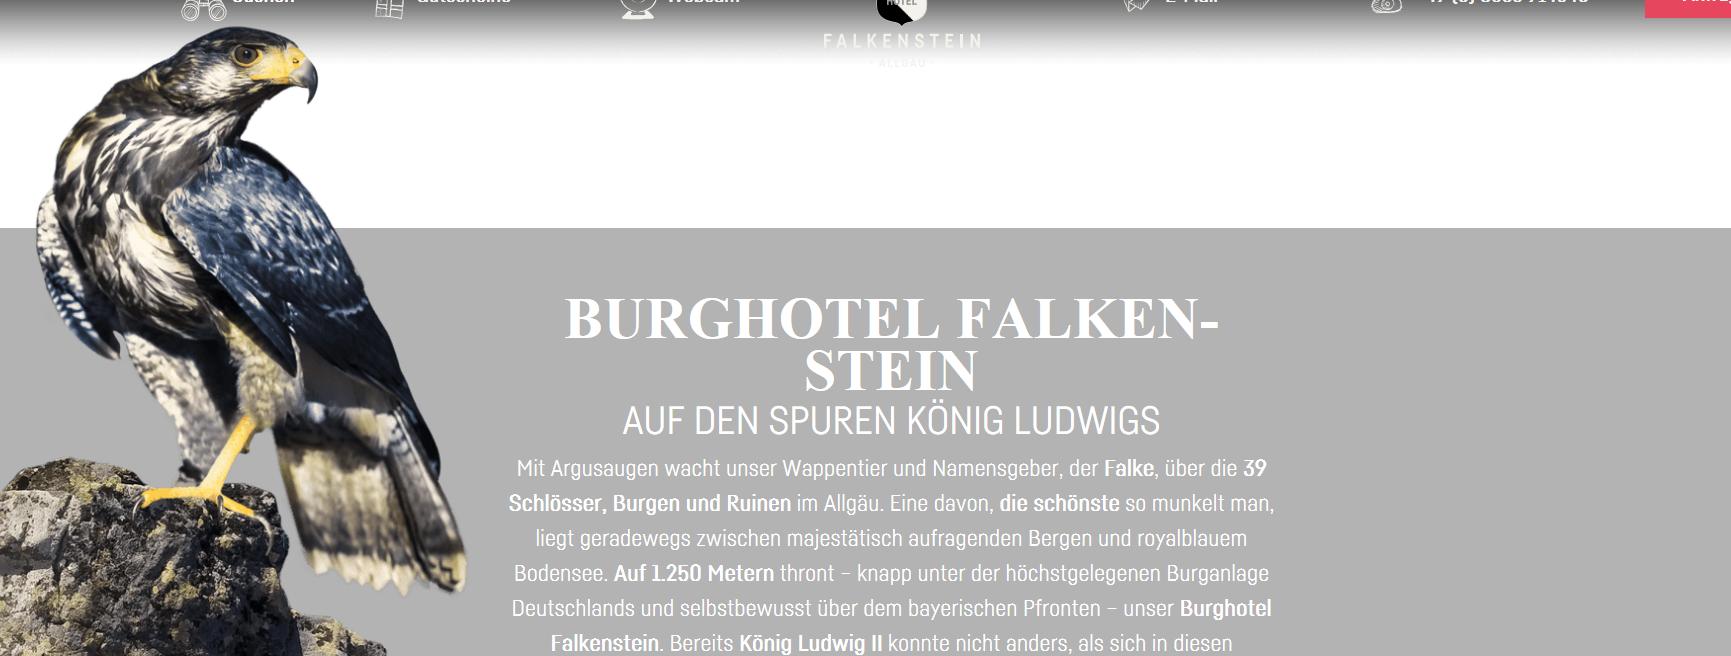 https://www.burghotel-falkenstein.de/de-DE